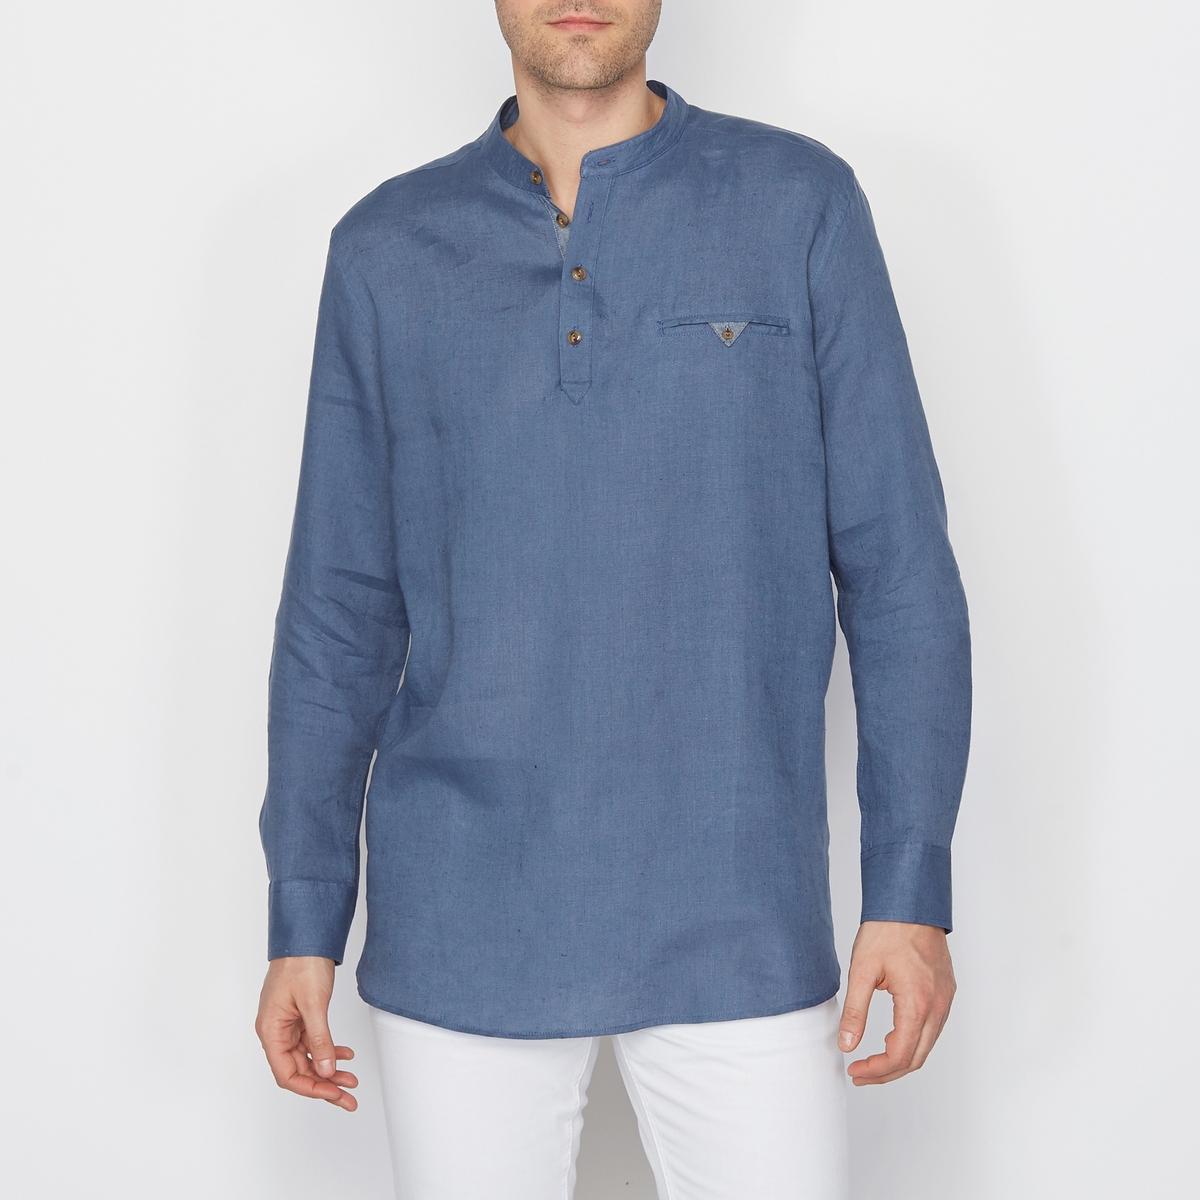 Рубашка из 100% льна, свободный покрой